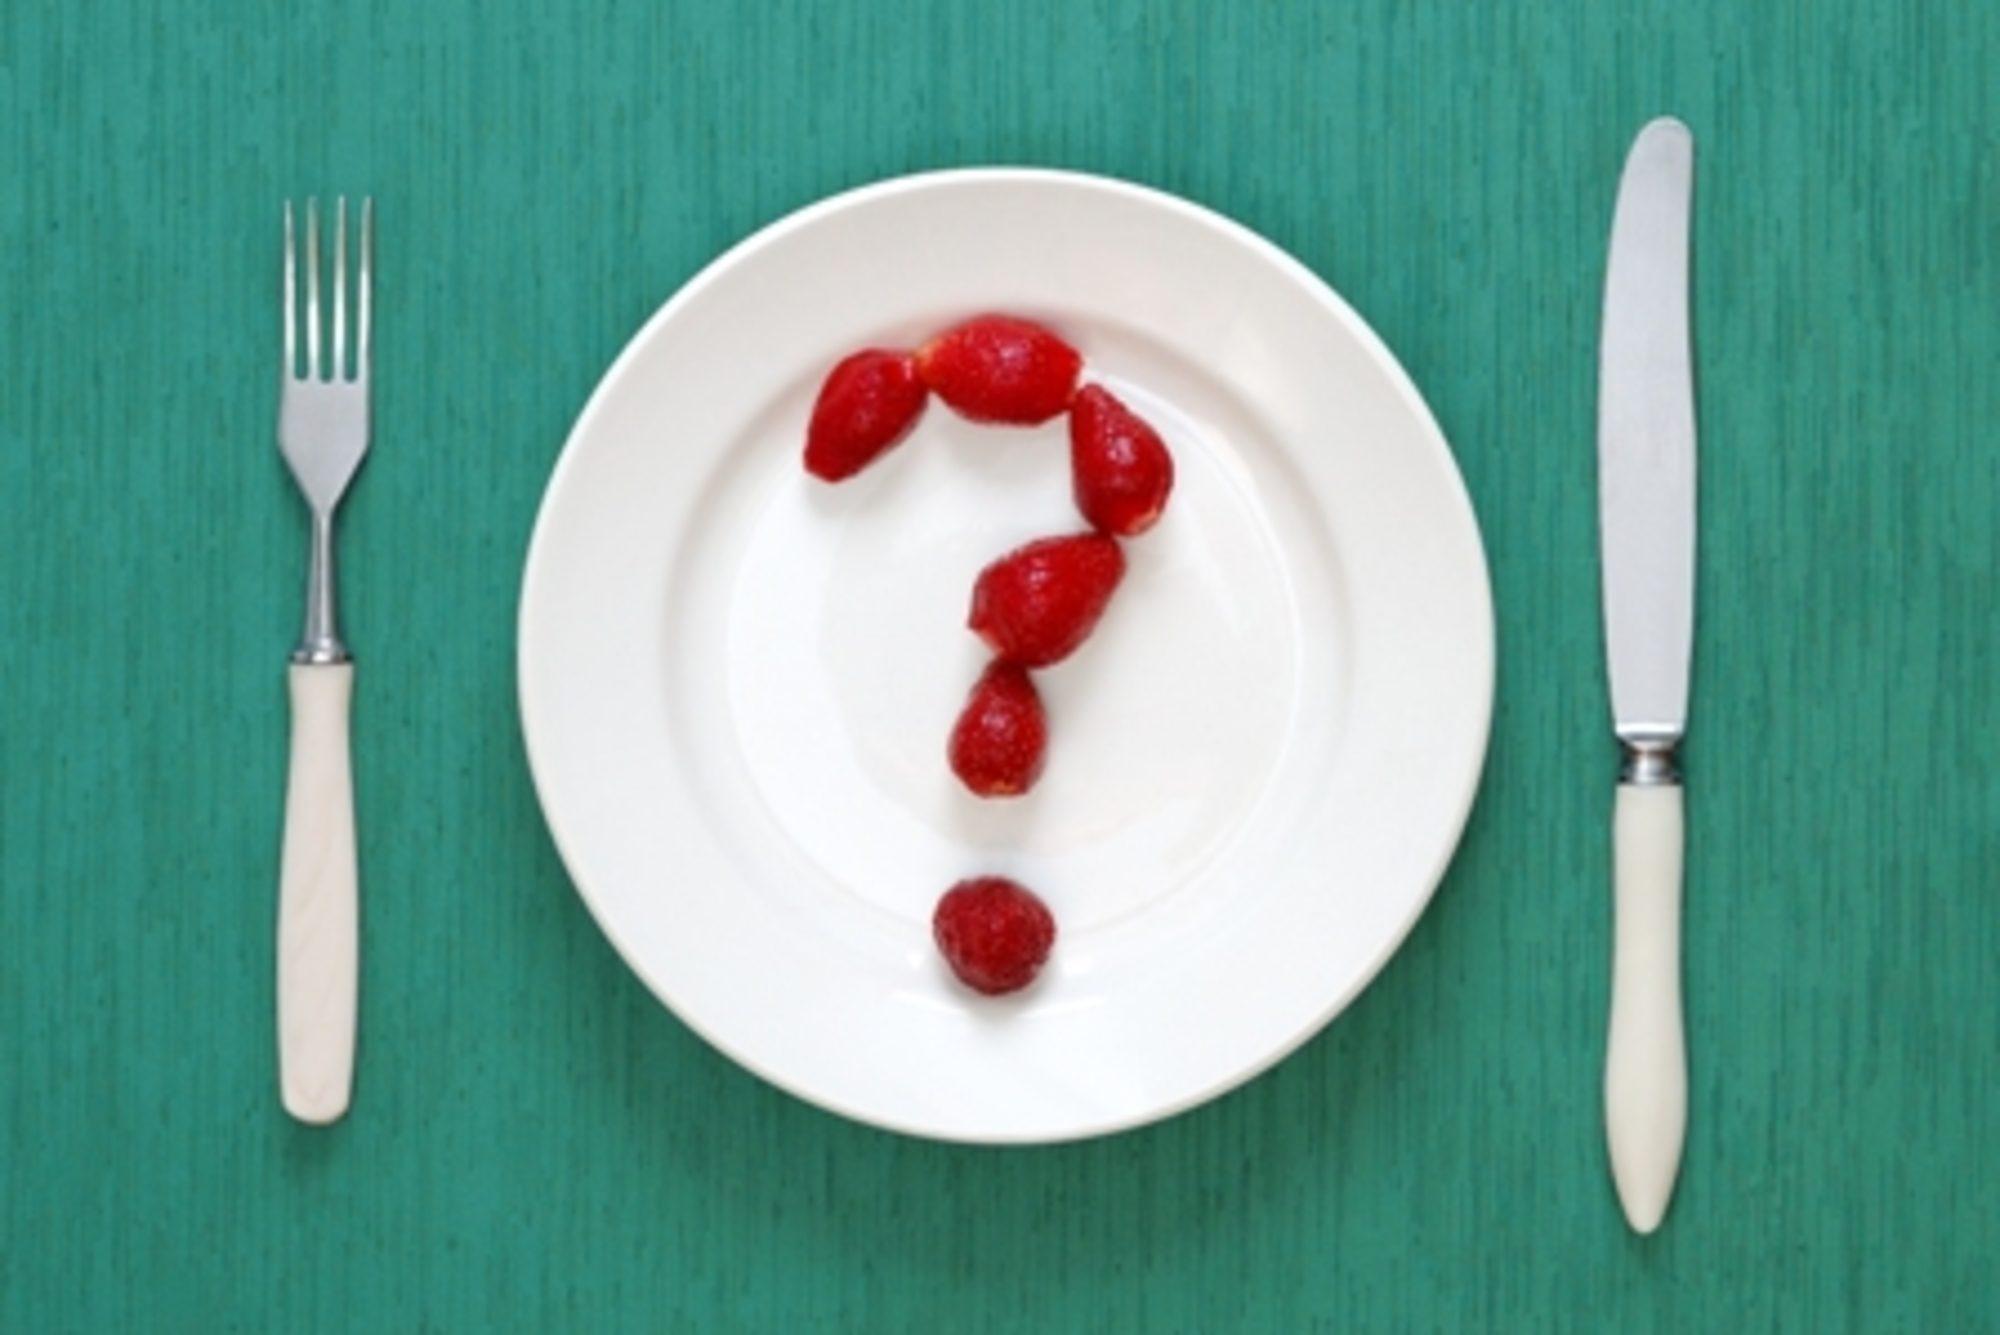 Mi az egészséges étel?